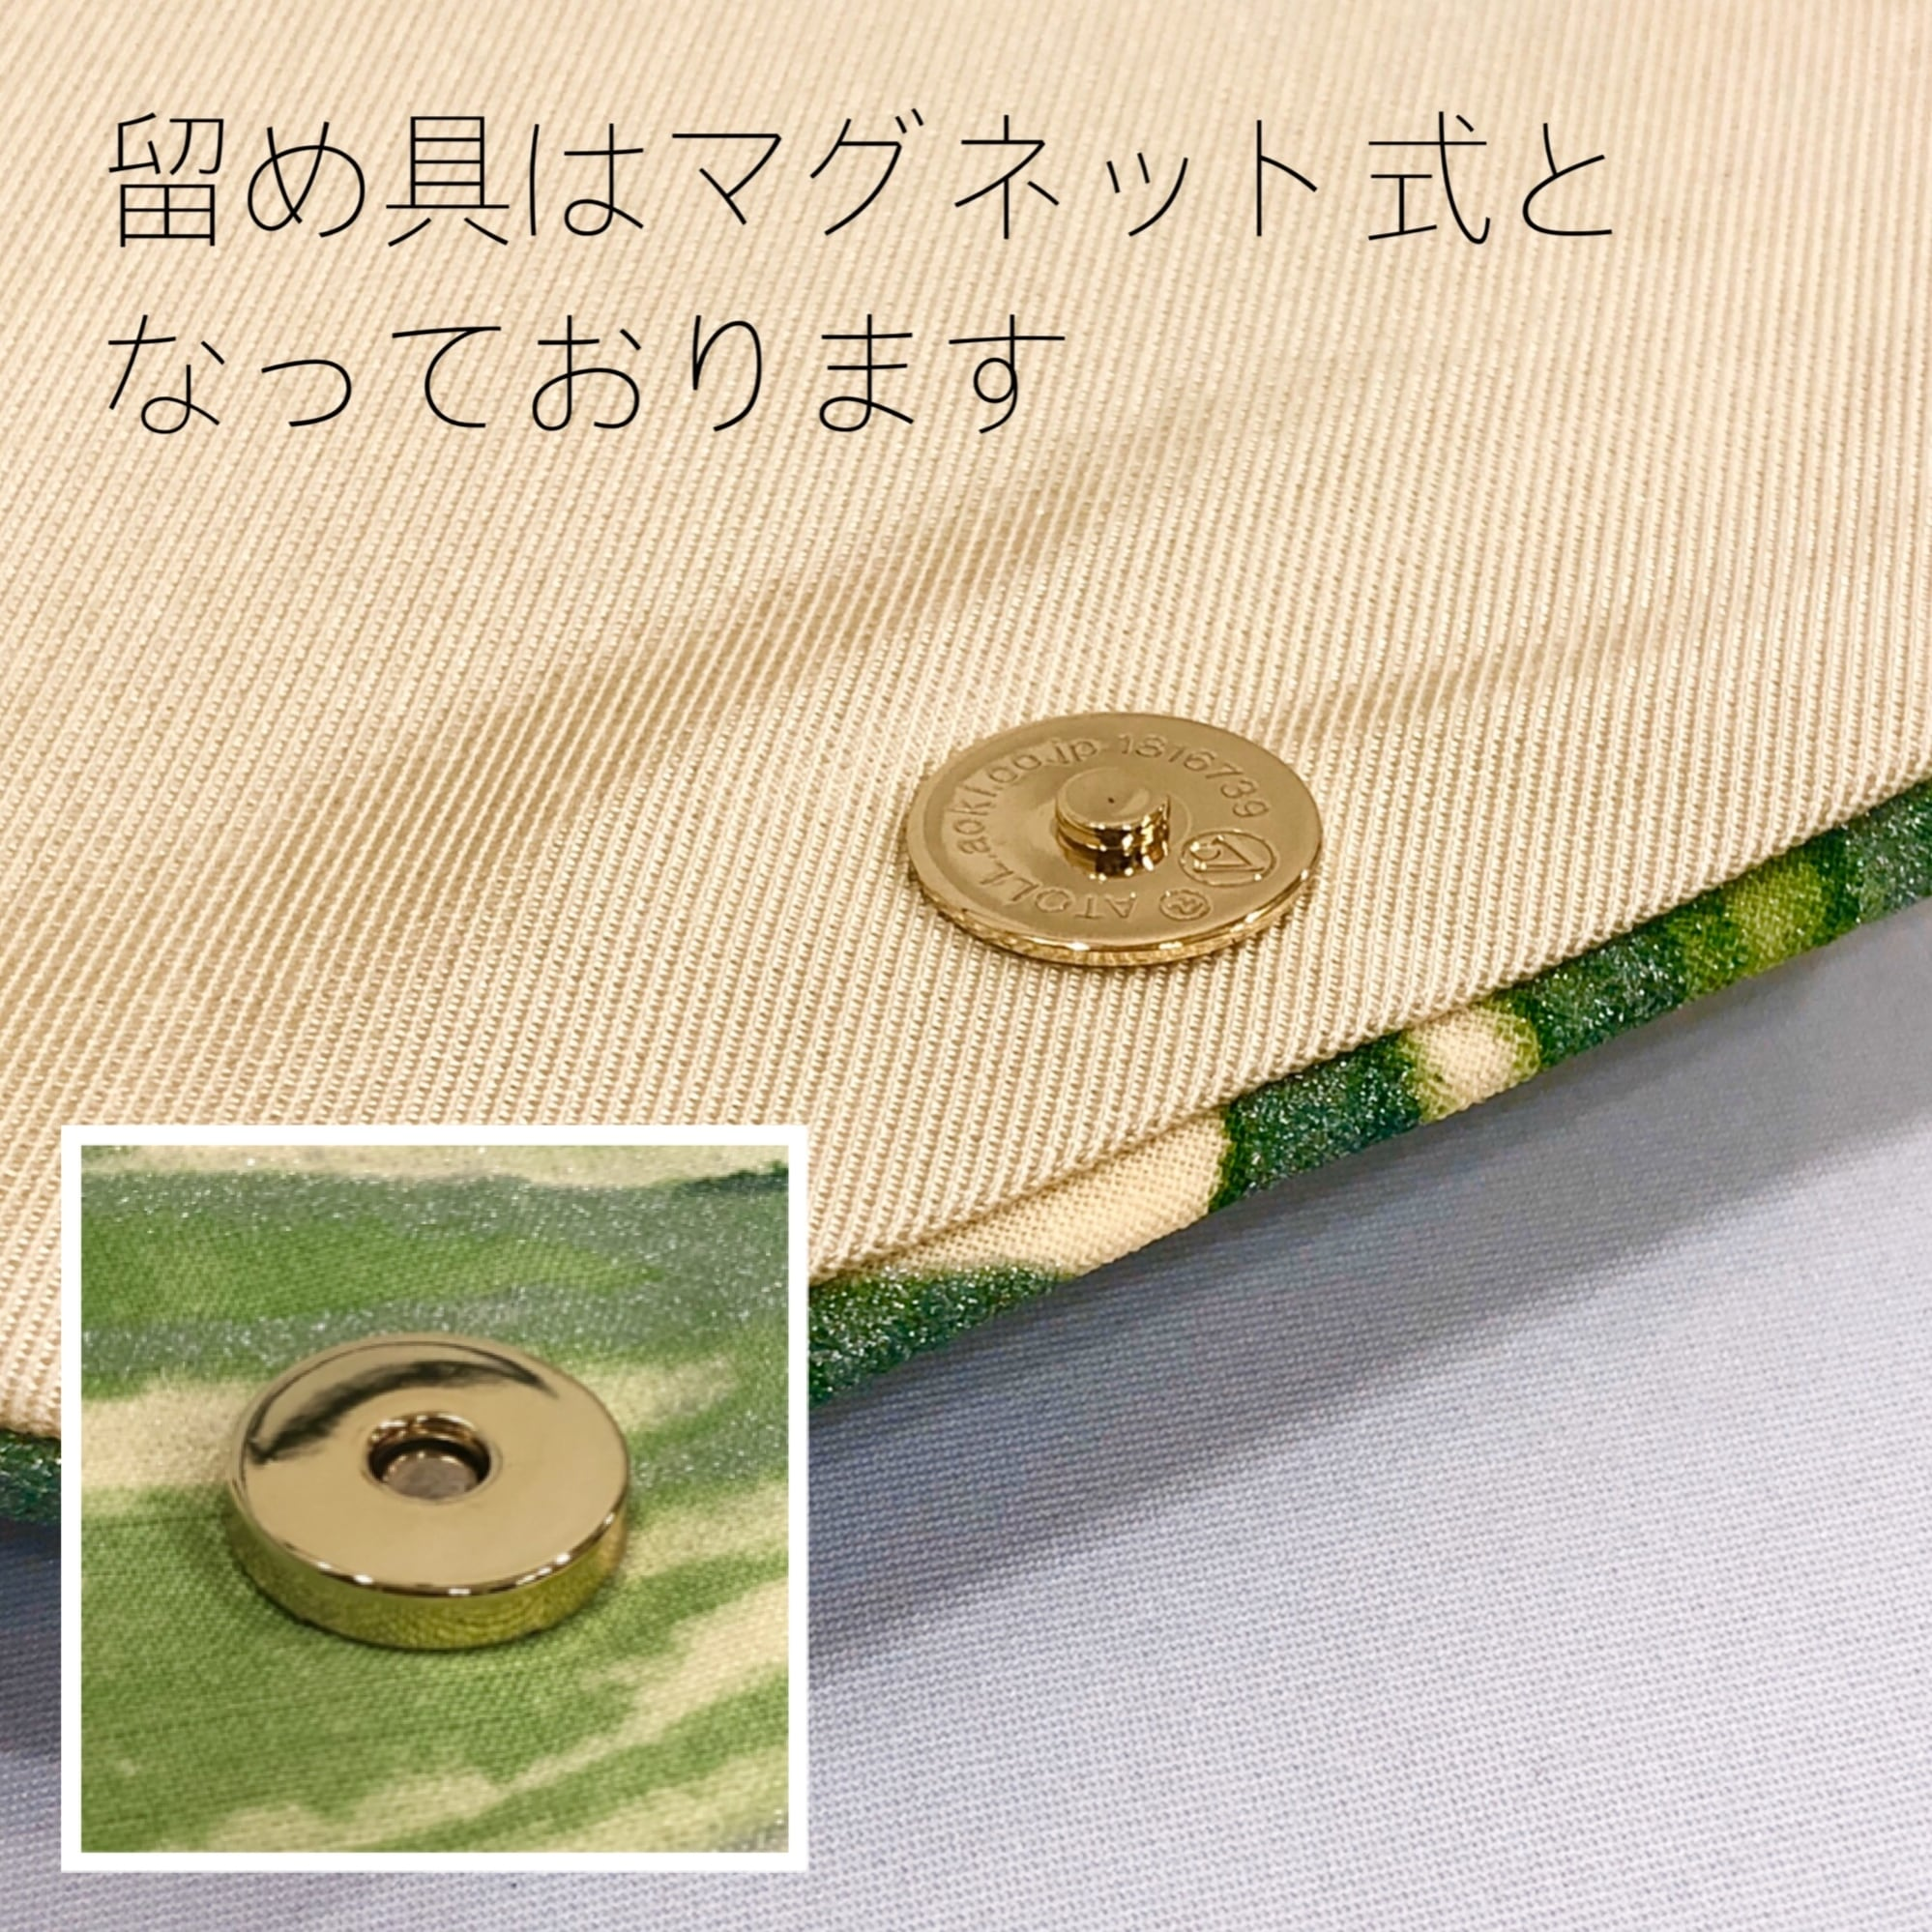 【限定品】数寄屋袋(京友禅・トランプ柄)